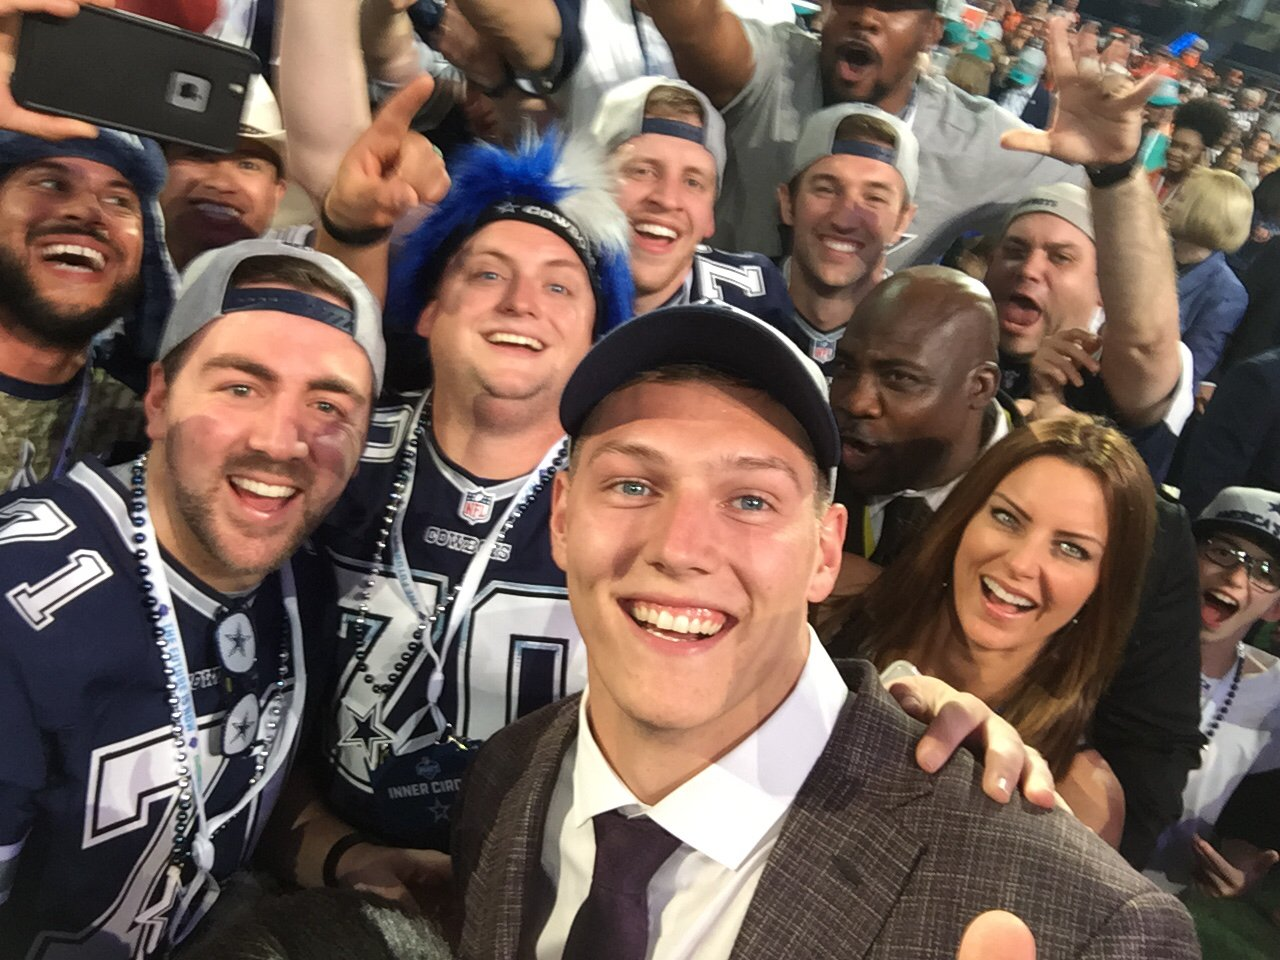 #LeightonVanderEsch!! @dallascowboys @VanderEsch38 #NFLDraft  ��: NFLN/FOX/ESPN https://t.co/bA7MPdRTcU